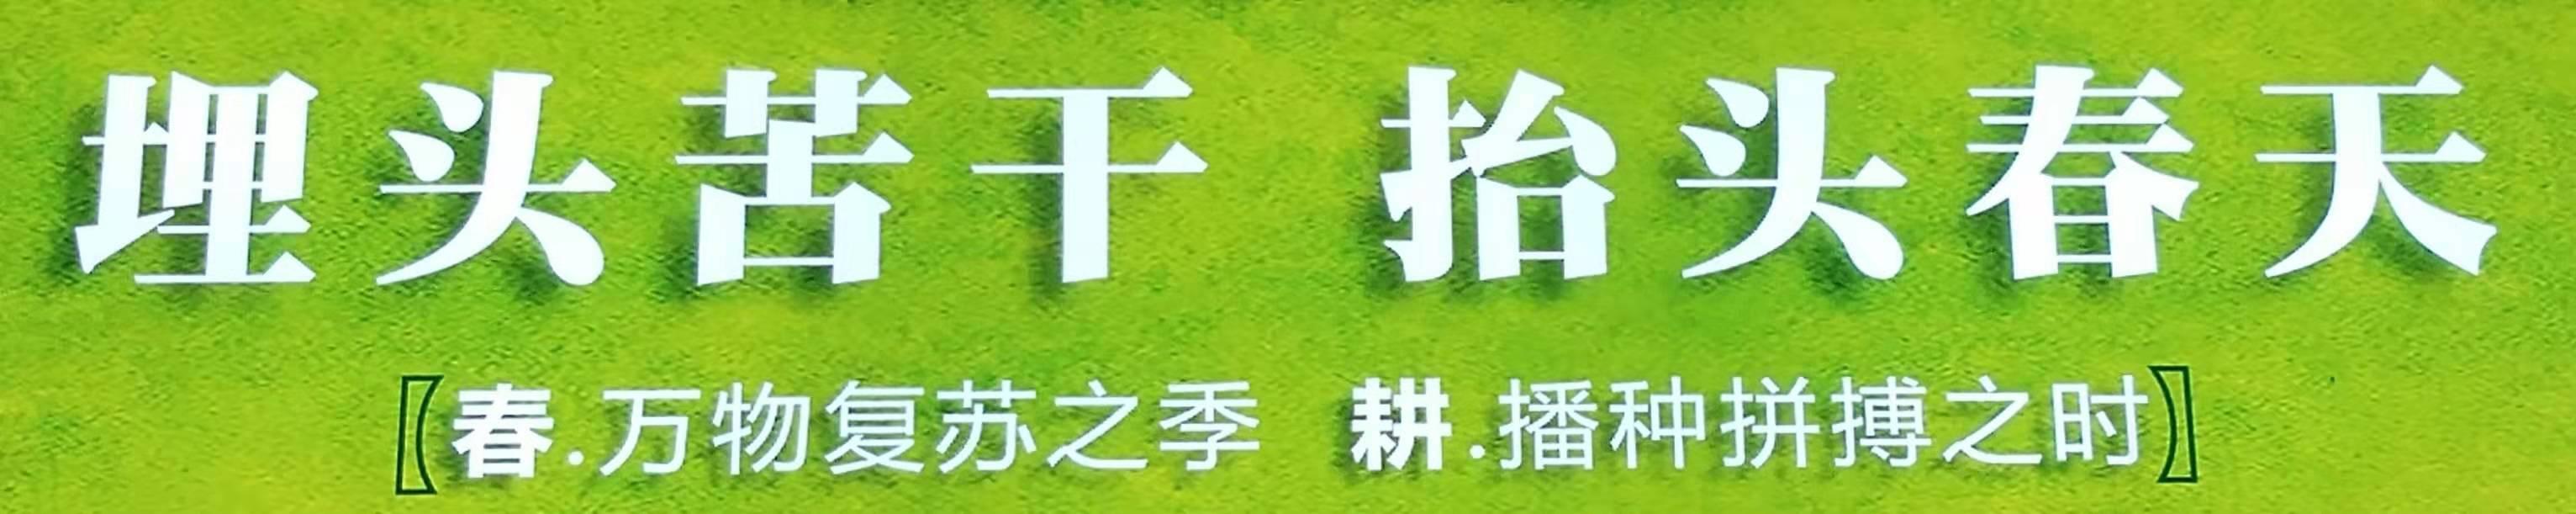 广州岩棉板厂商